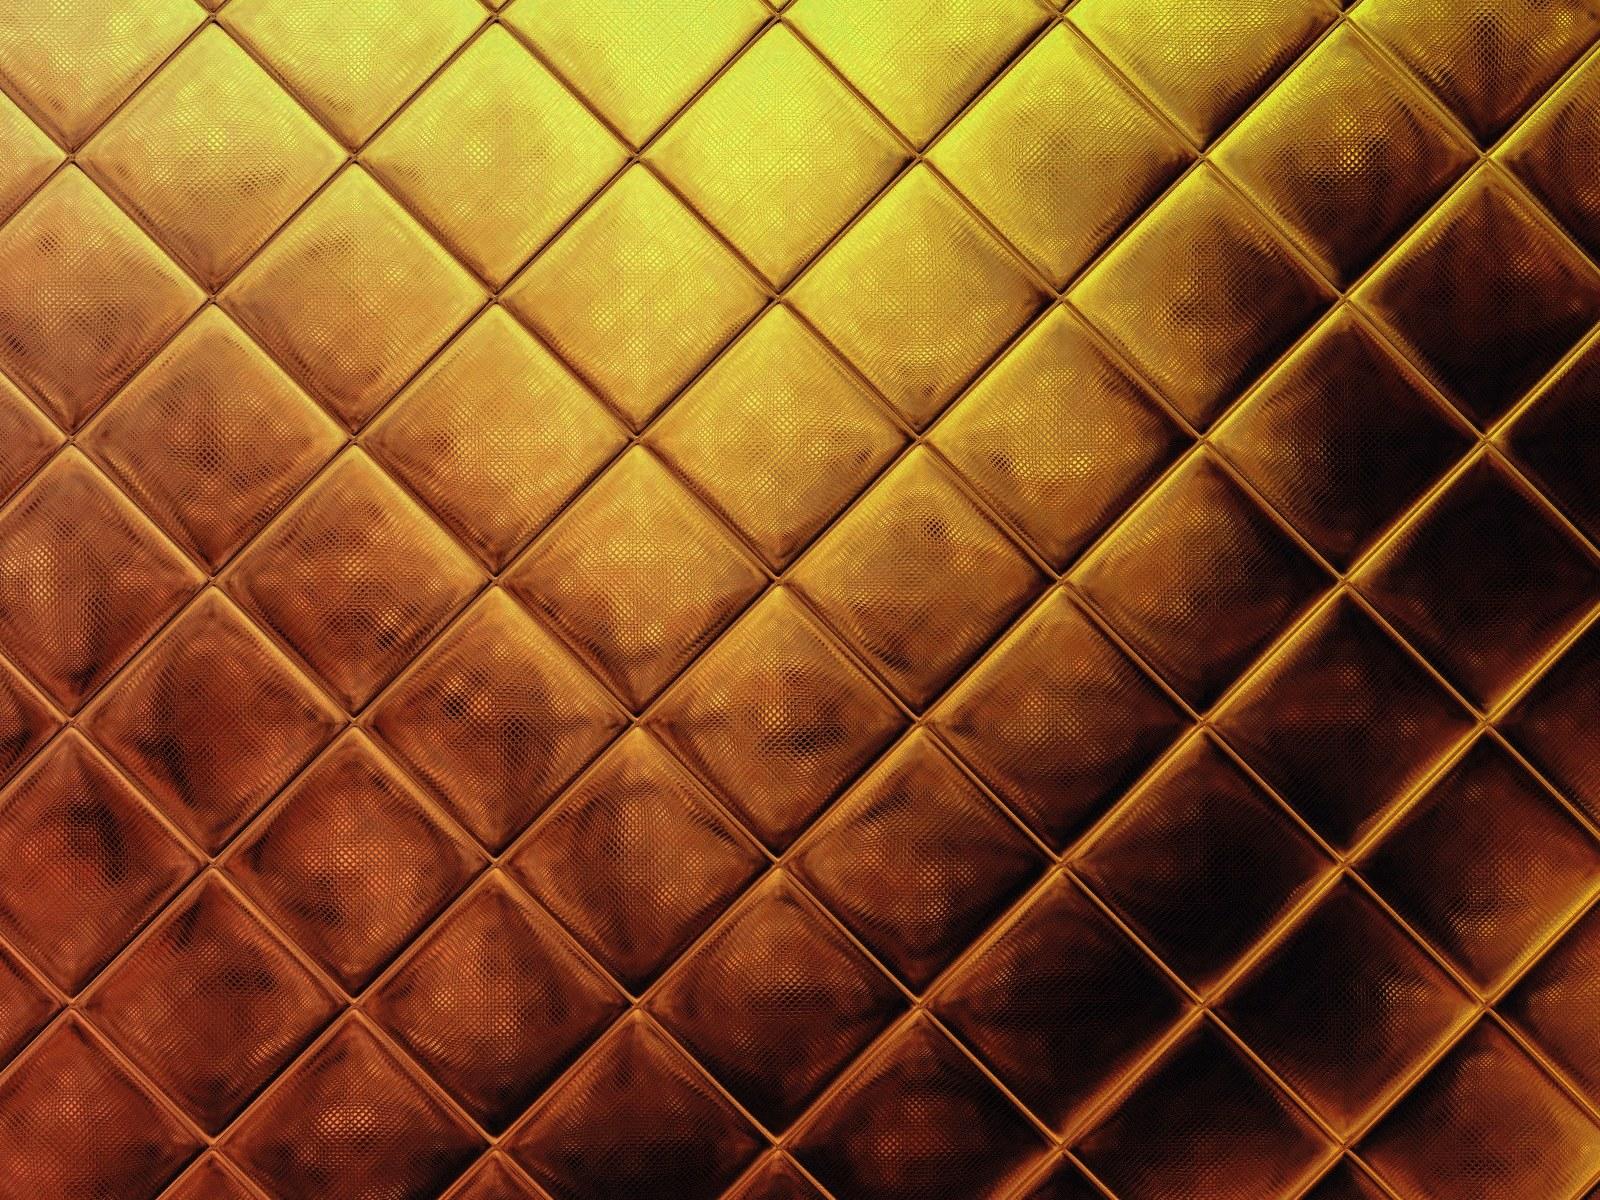 gold - Google 搜尋 | Texture/Pattern | Pinterest | Gold wallpaper